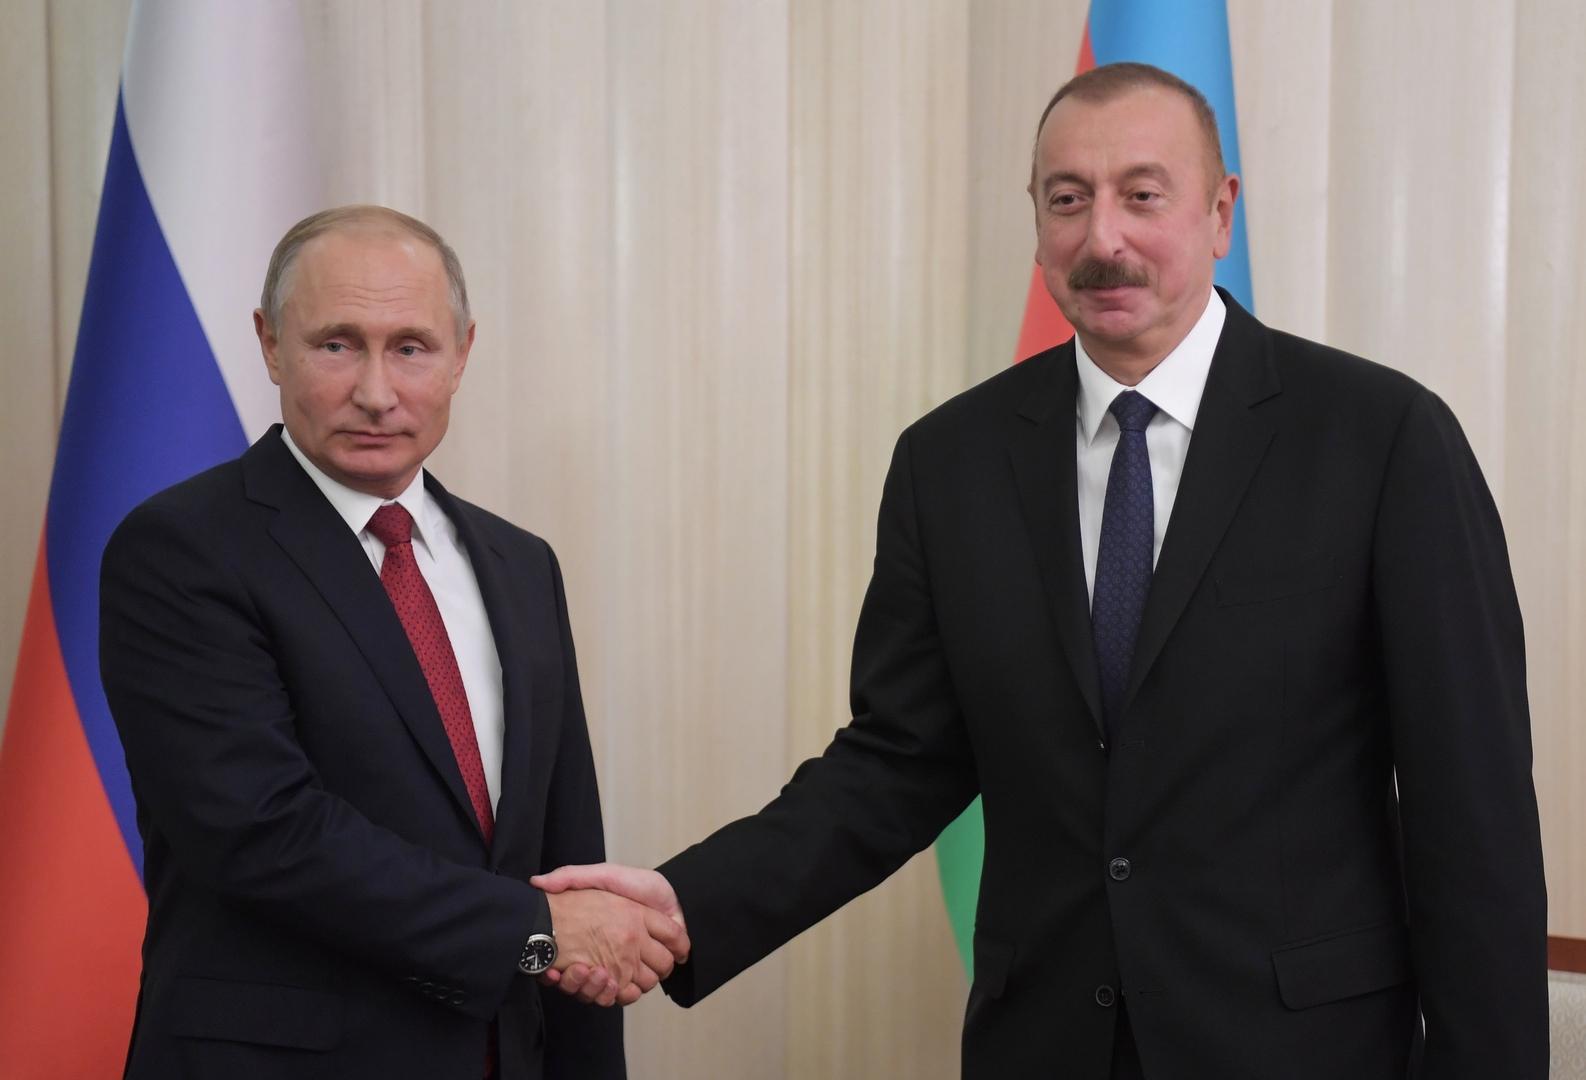 الرئيسان الروسي، فلاديمير بوتين، والأذربيجاني، إلهام علييف